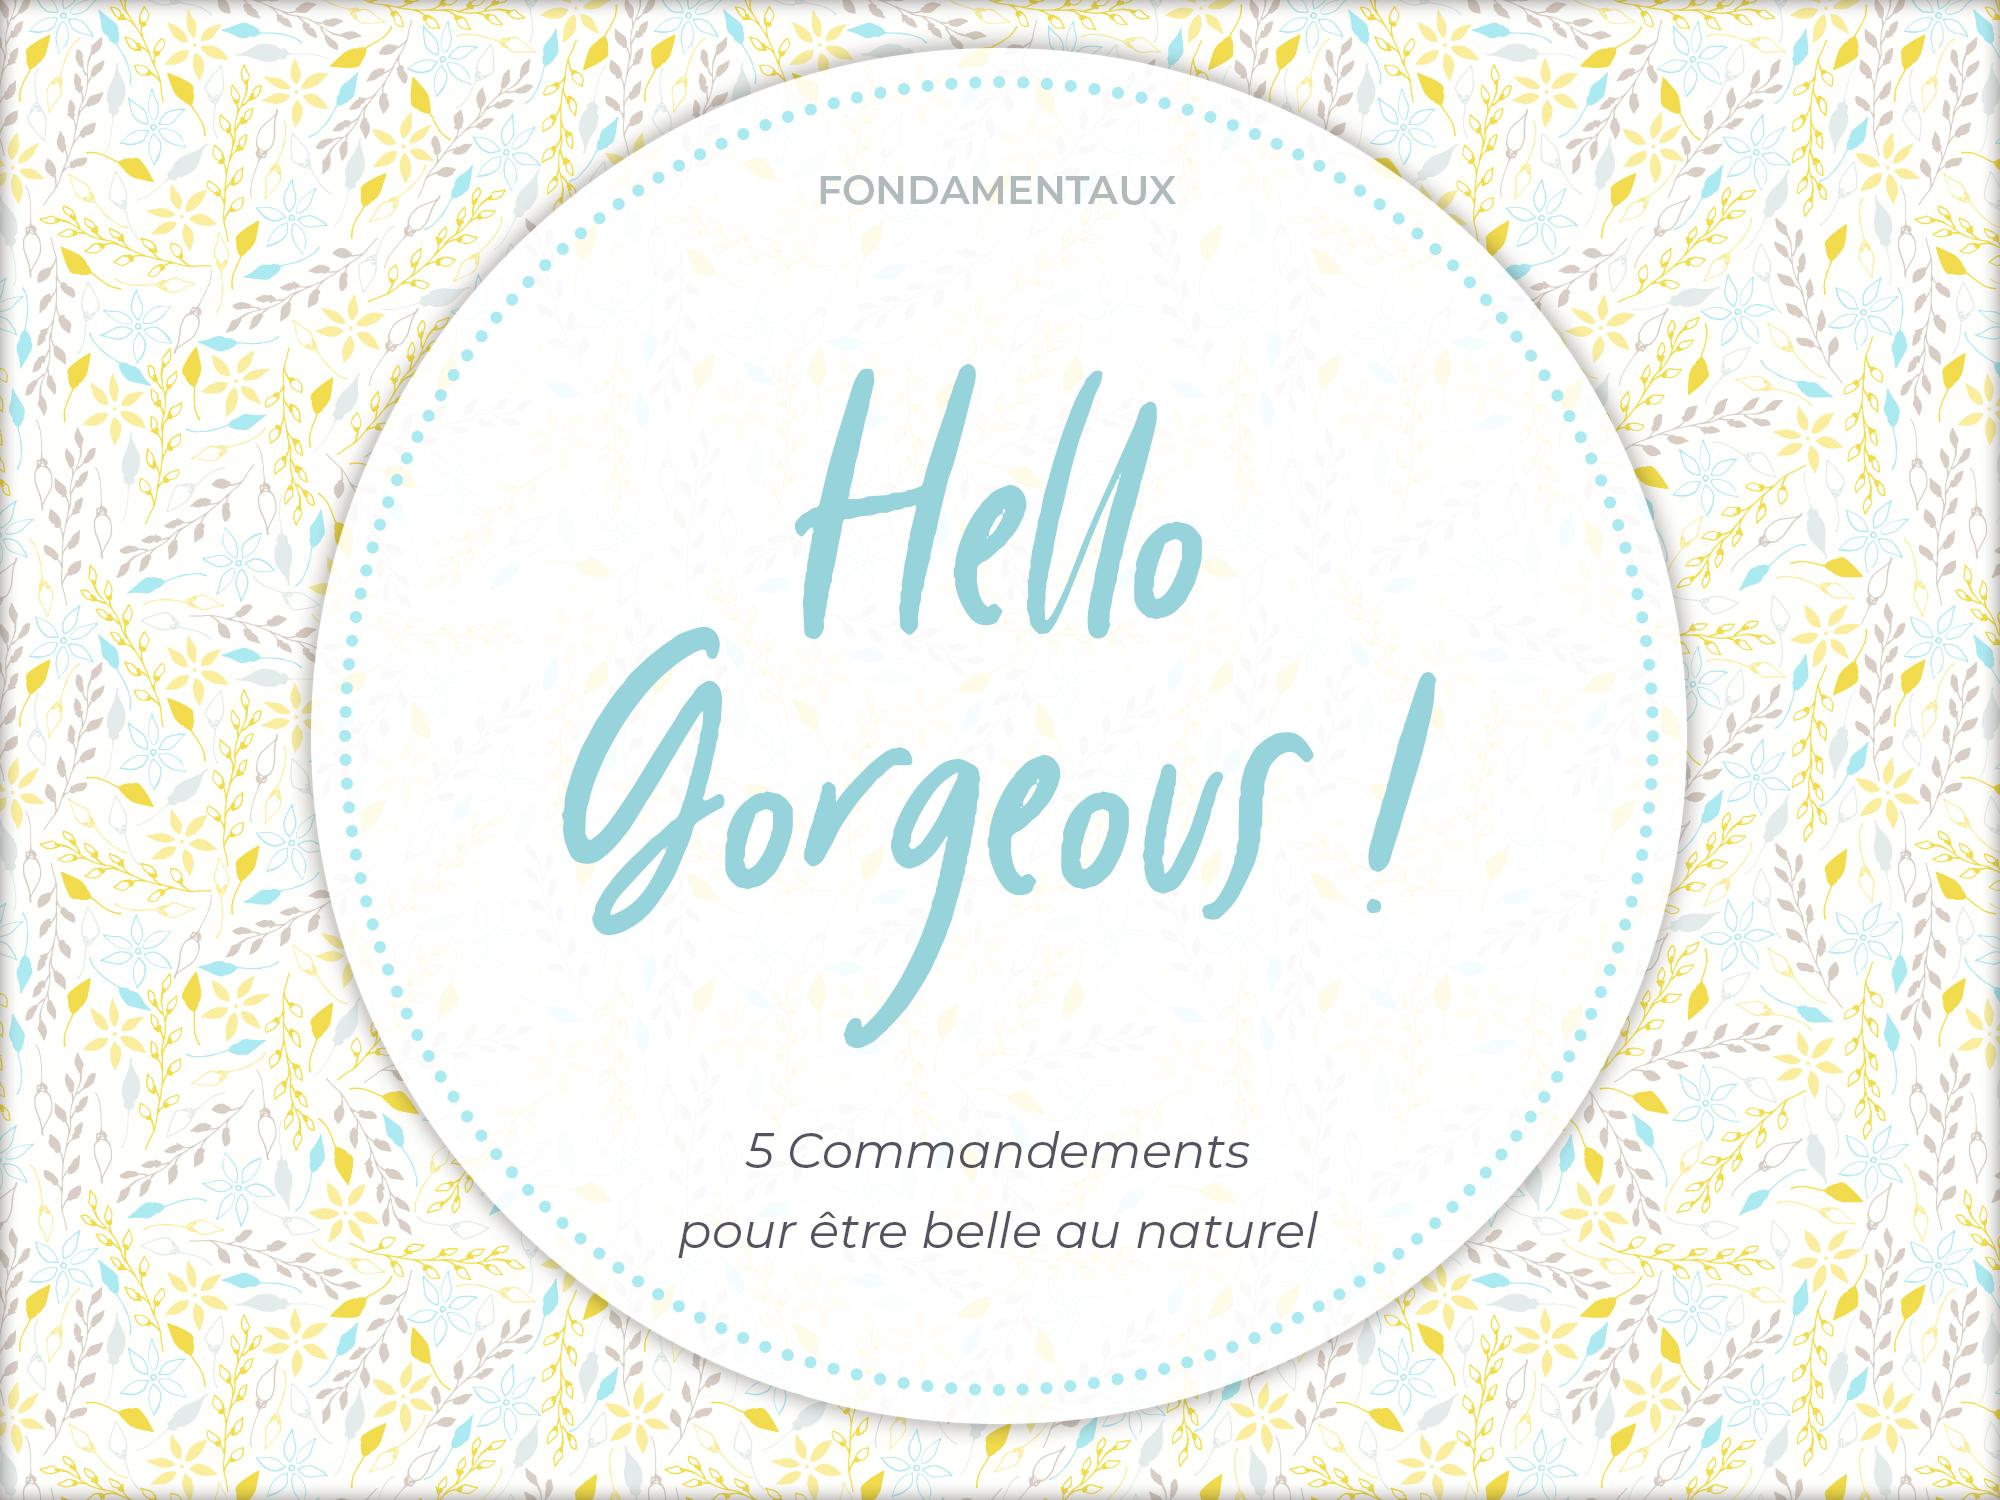 Les 5 commandements pour être belle au naturel